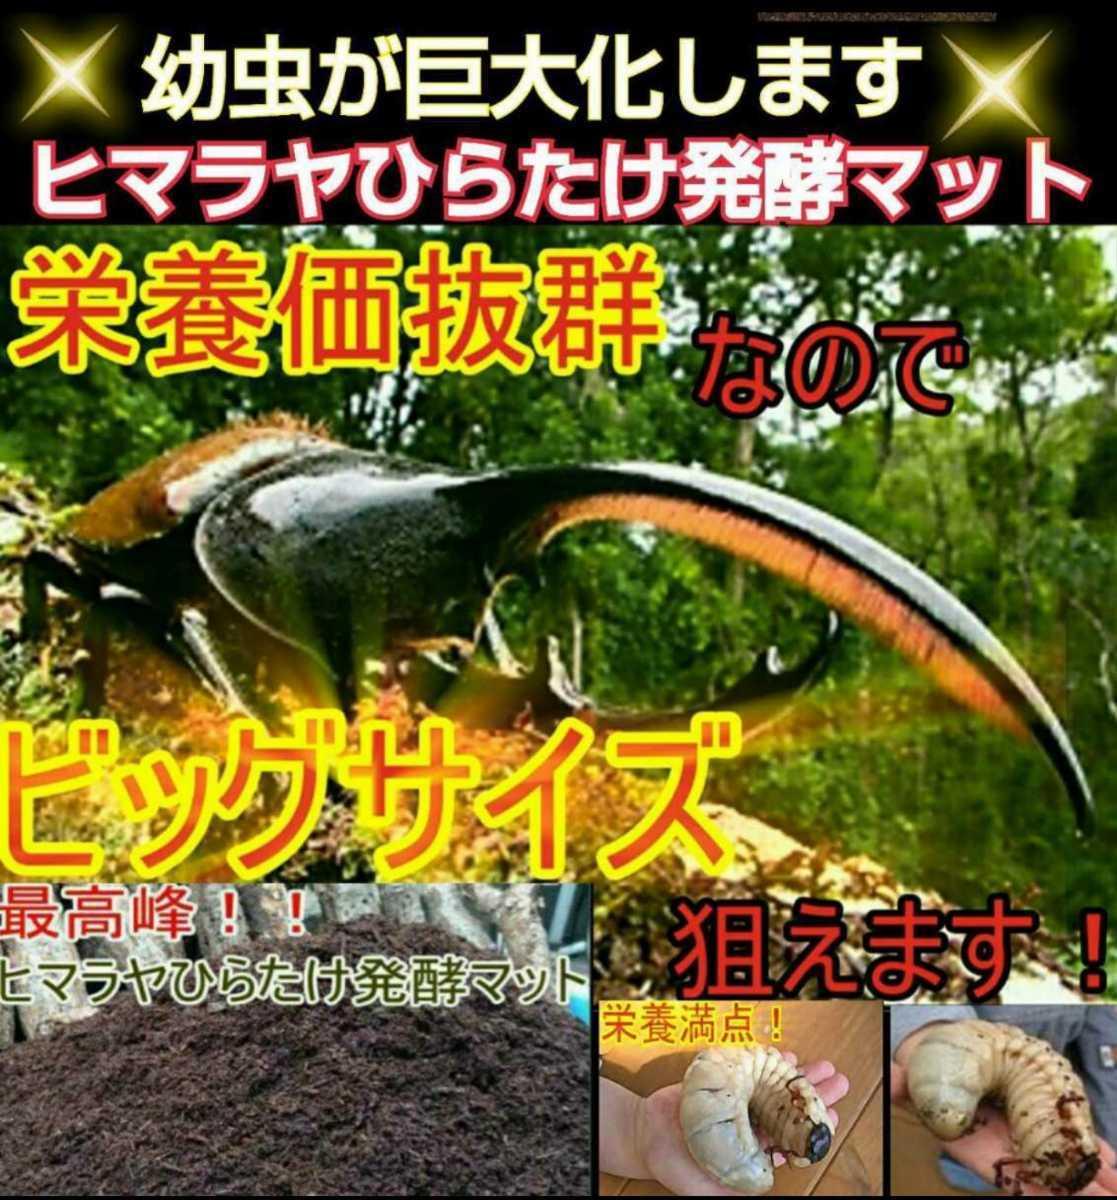 500リットル 幼虫がビッグサイズになります!ヒマラヤひらたけ菌床発酵マット!栄養価抜群!クヌギ100%原料 幼虫の餌、産卵マットにも抜群_画像5